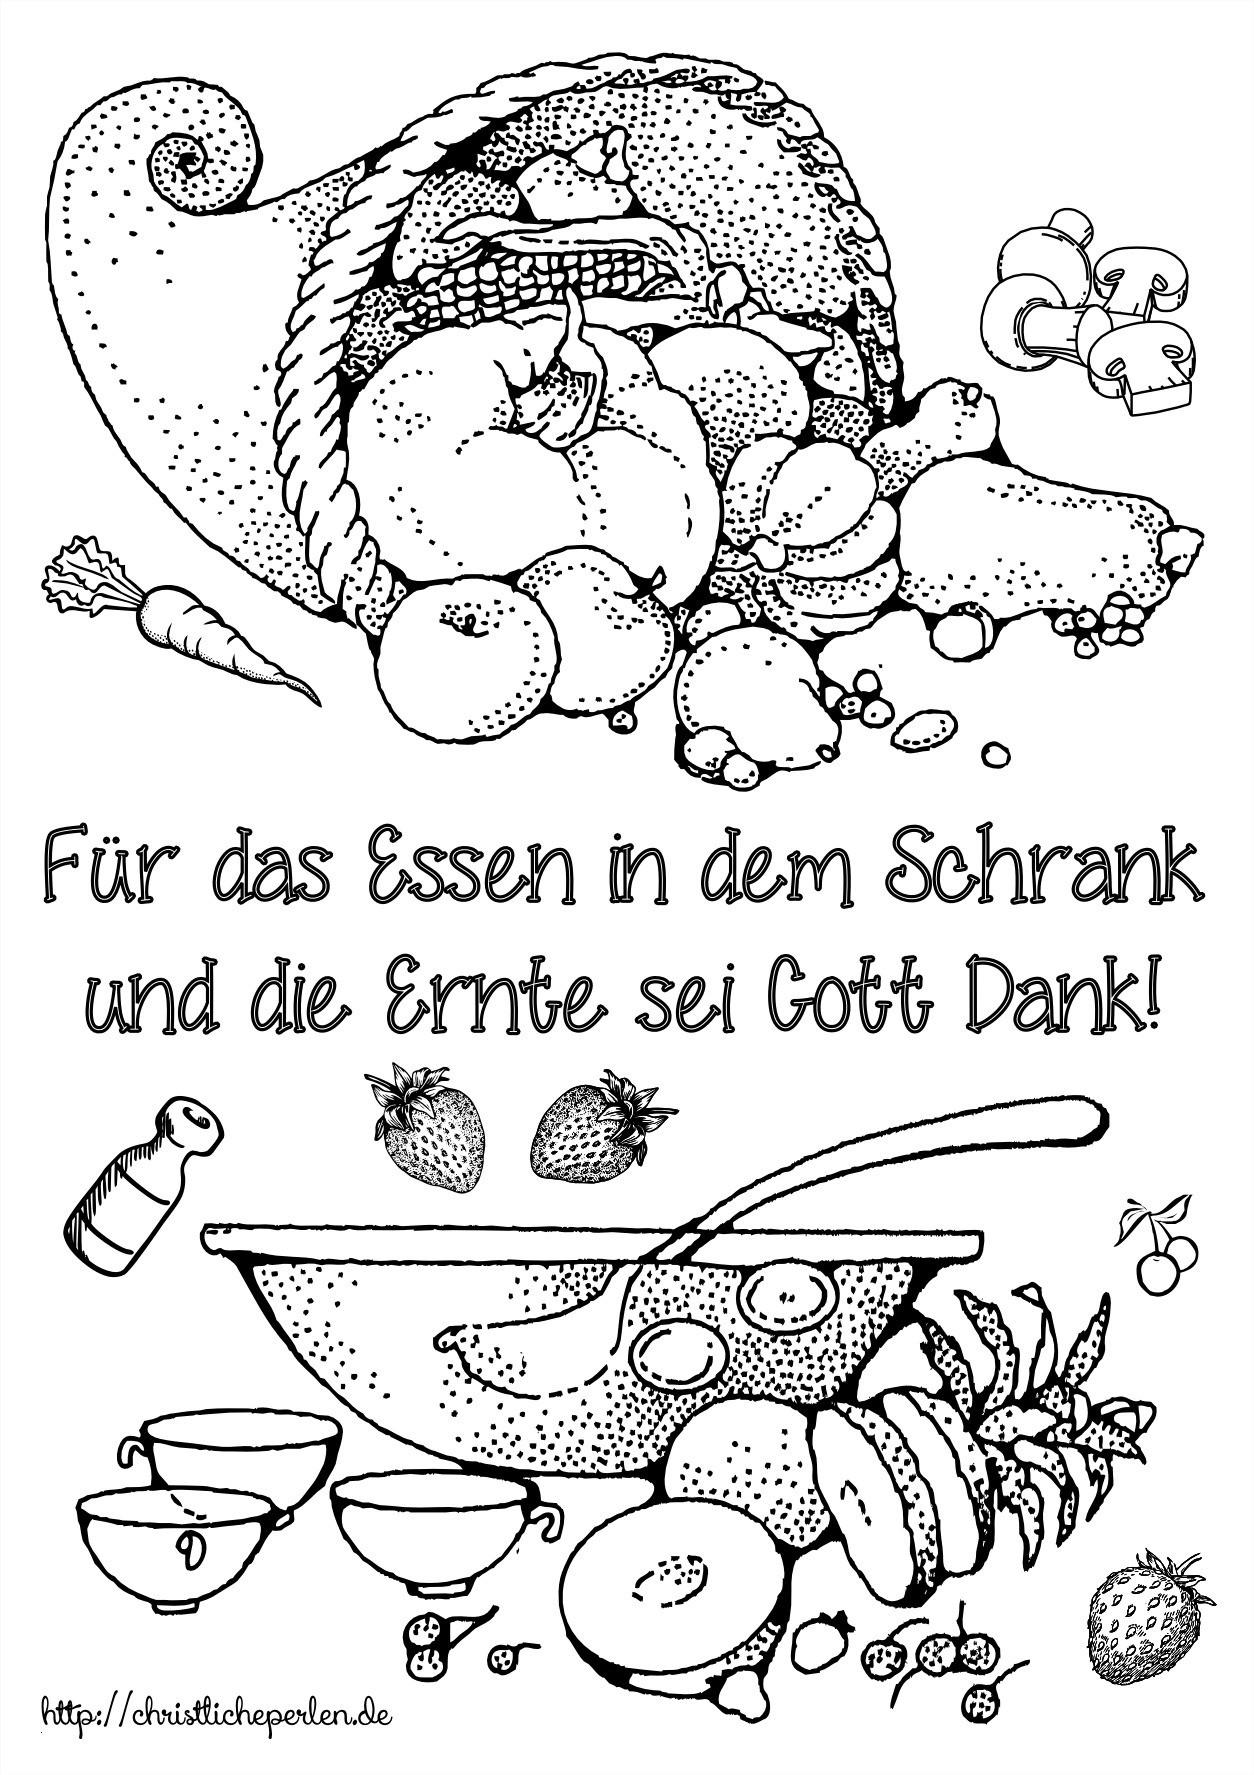 Spongebob Zum Ausmalen Das Beste Von Malvorlagen Igel Best Igel Grundschule 0d Archives Uploadertalk Bilder